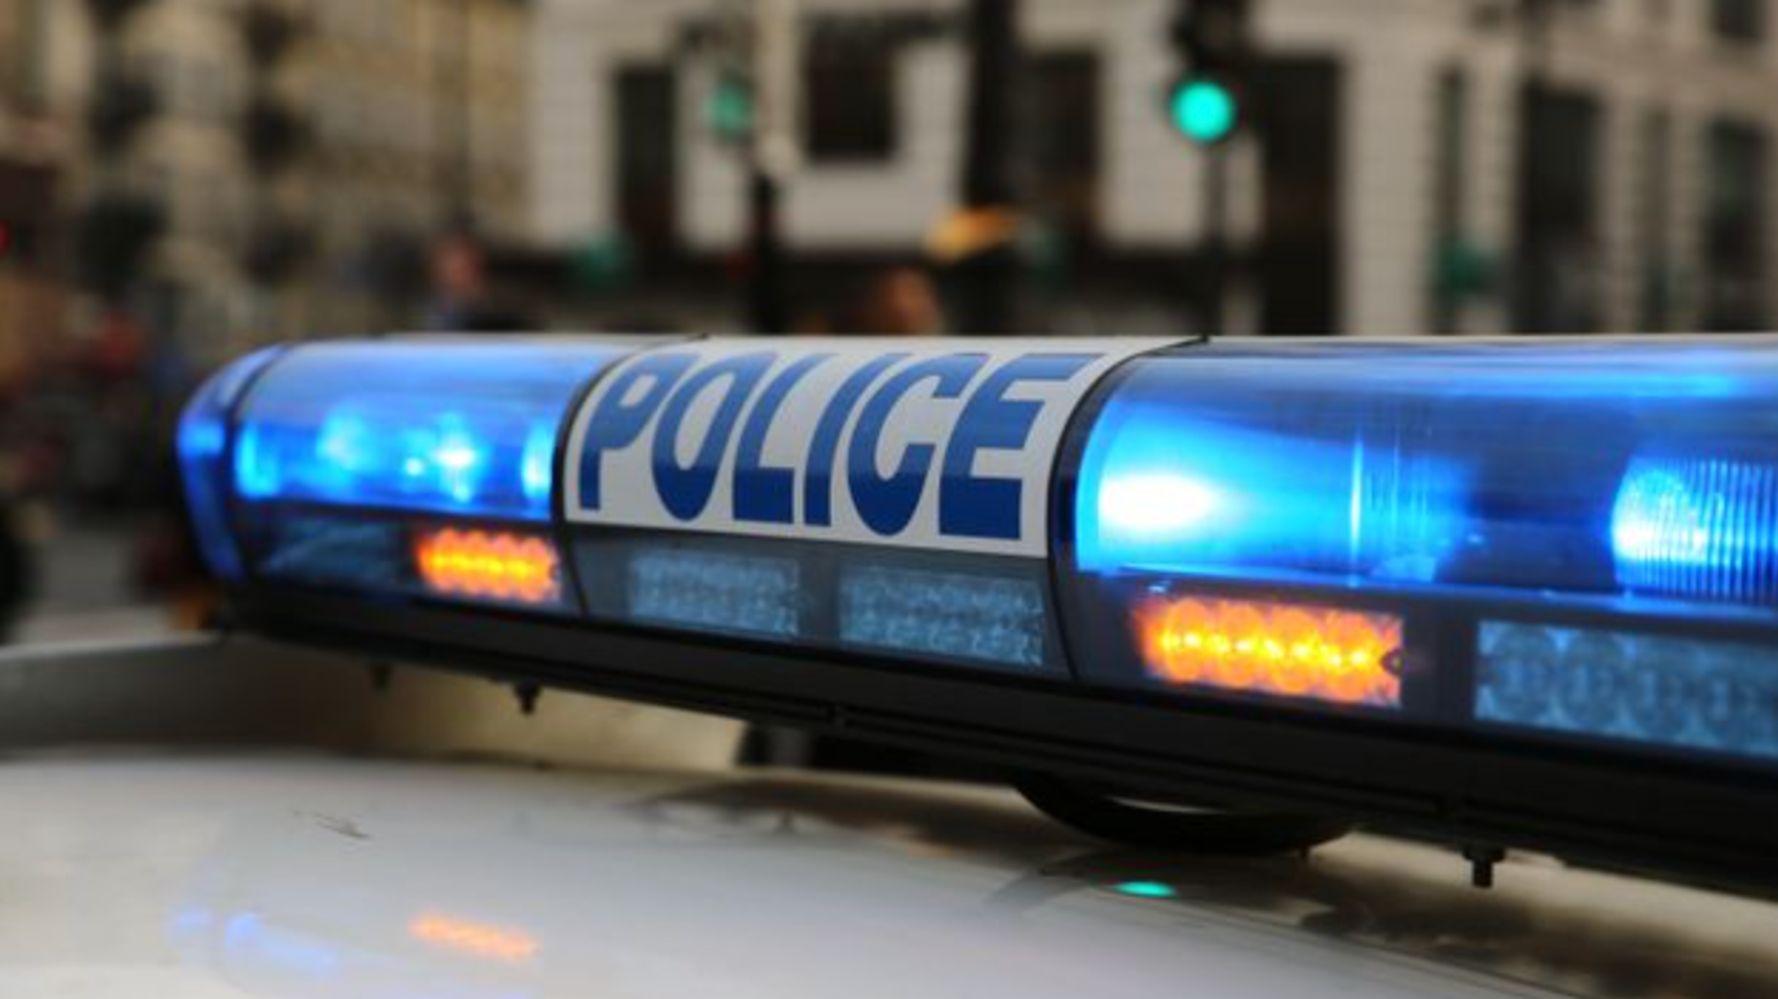 À Blois, après un accident de la route, des violences urbaines